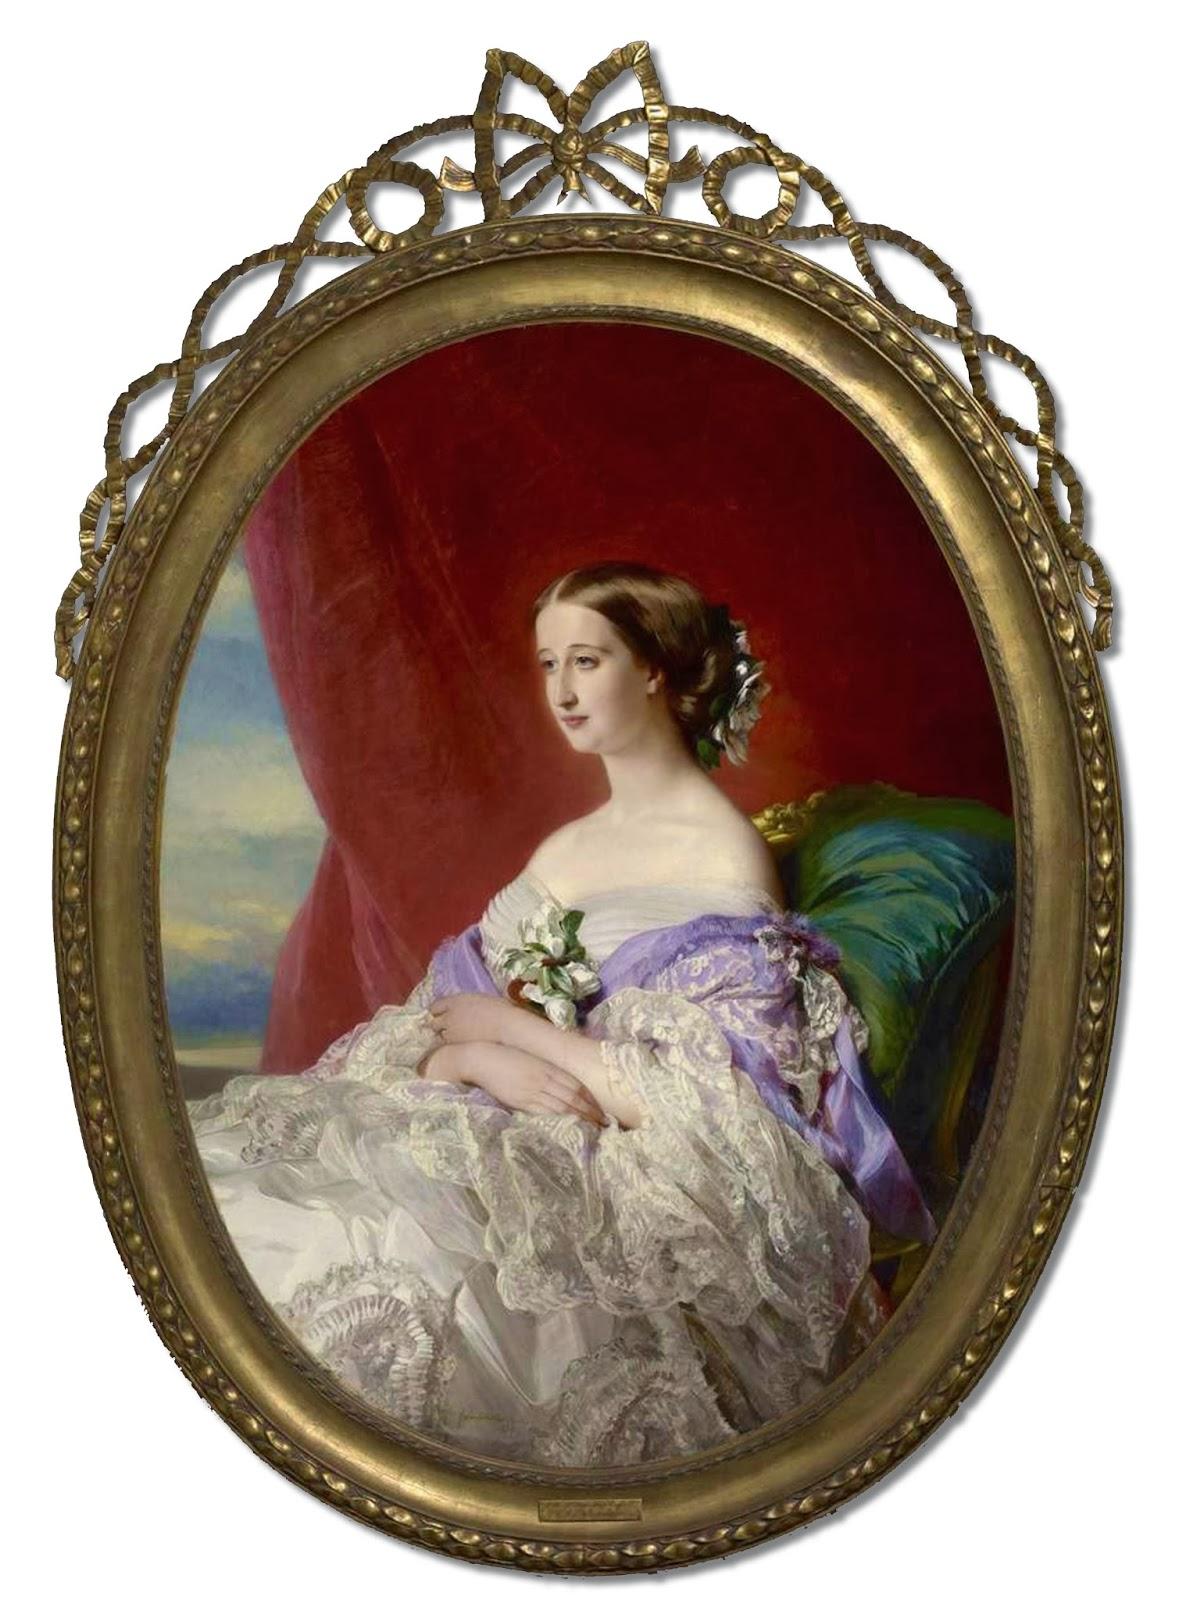 fransız imparatoriçesi eugenie ile ilgili görsel sonucu